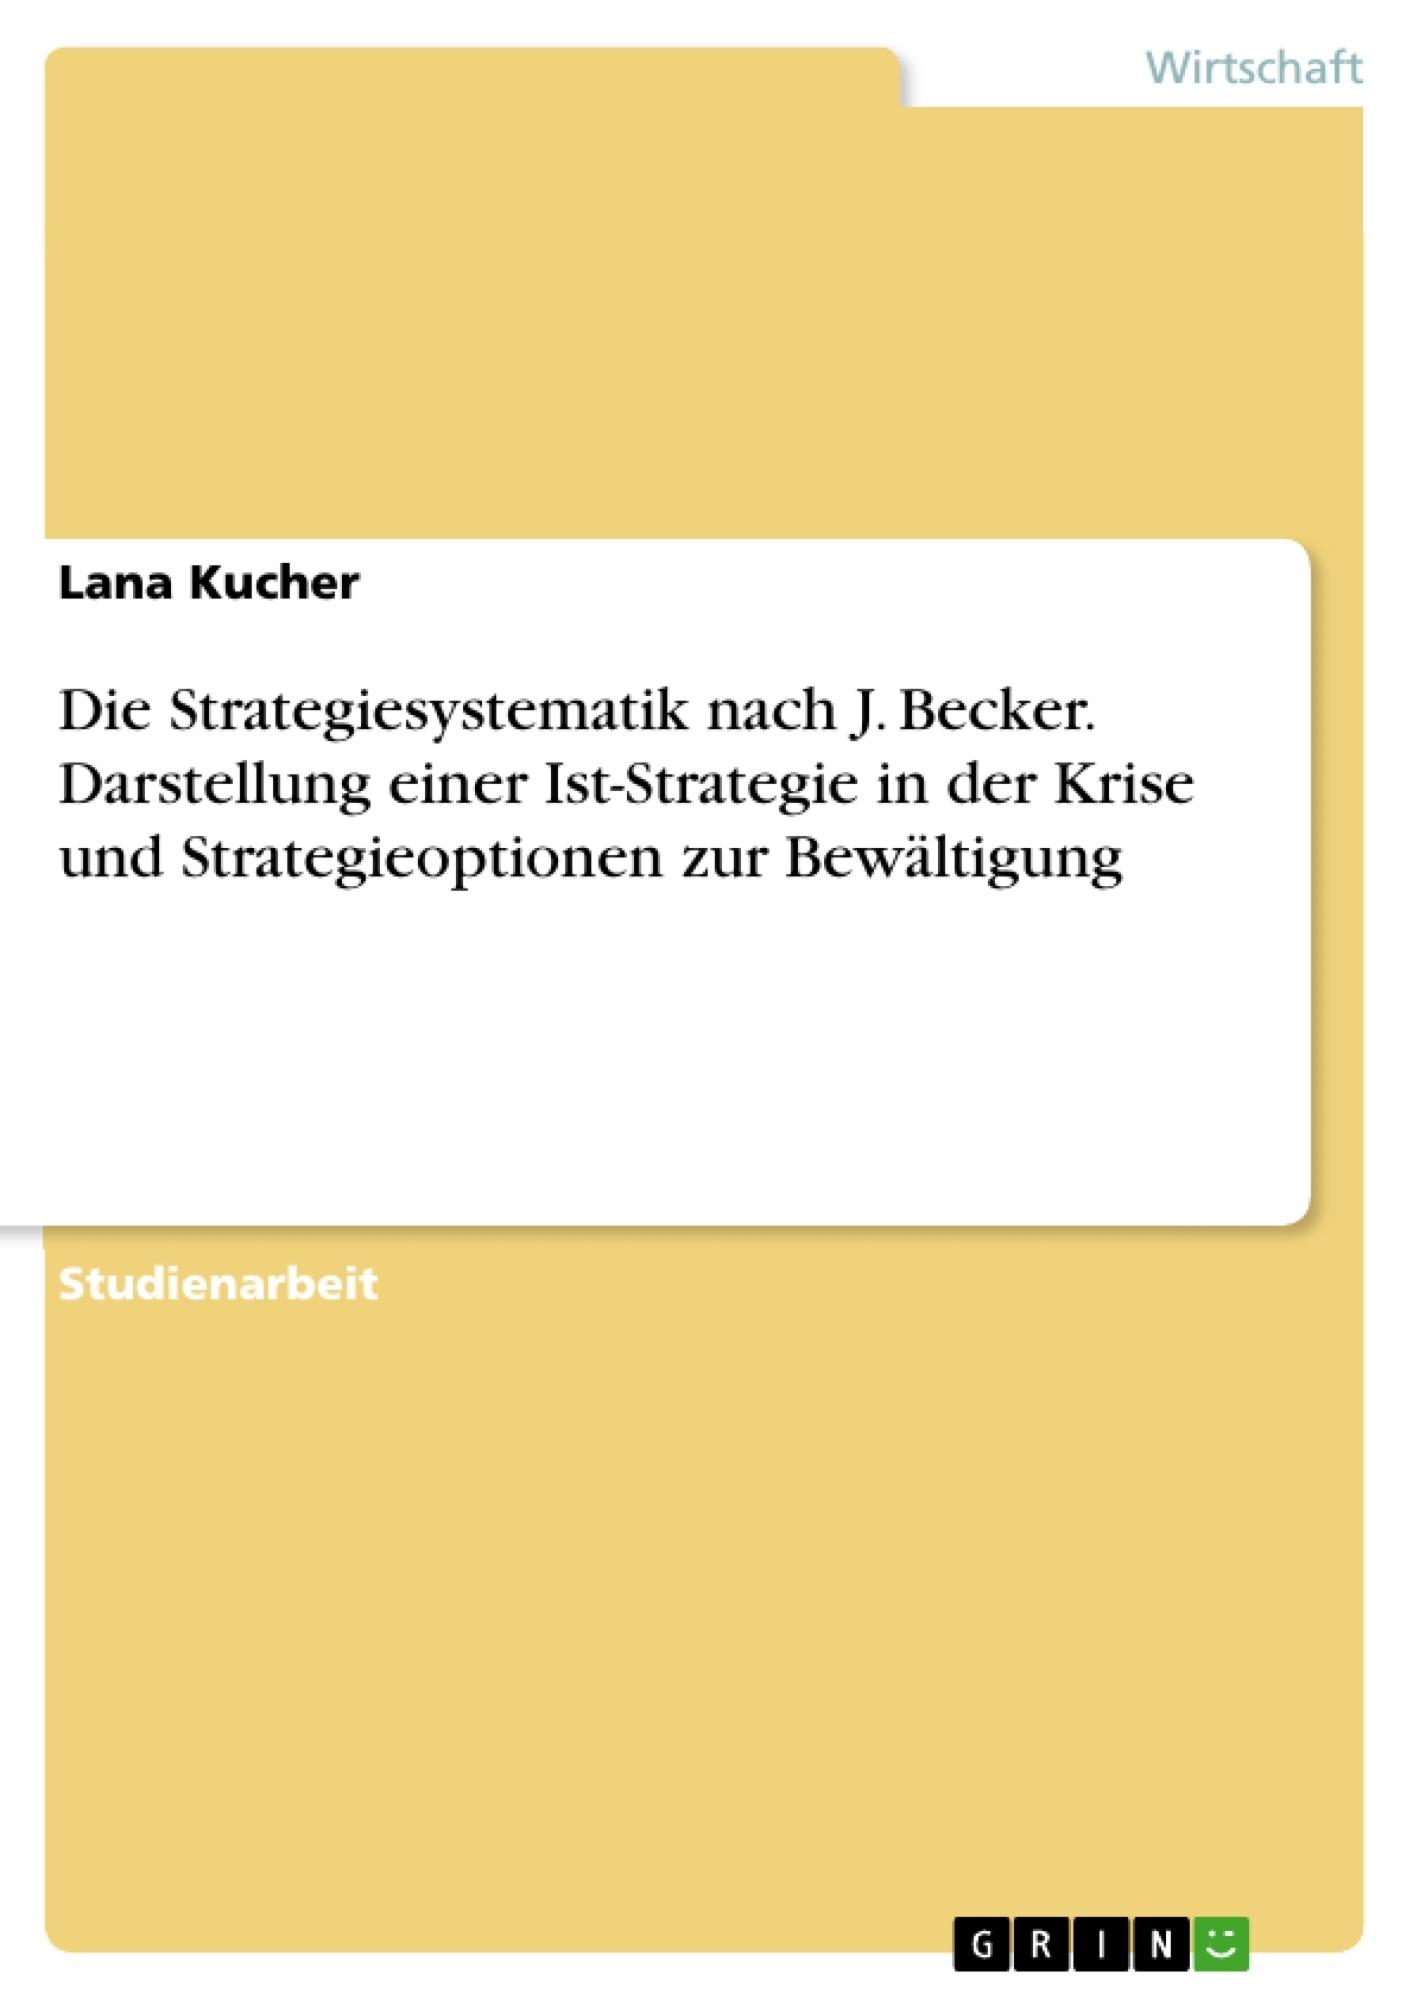 Titel: Die Strategiesystematik nach J. Becker. Darstellung einer Ist-Strategie in der Krise und Strategieoptionen zur Bewältigung